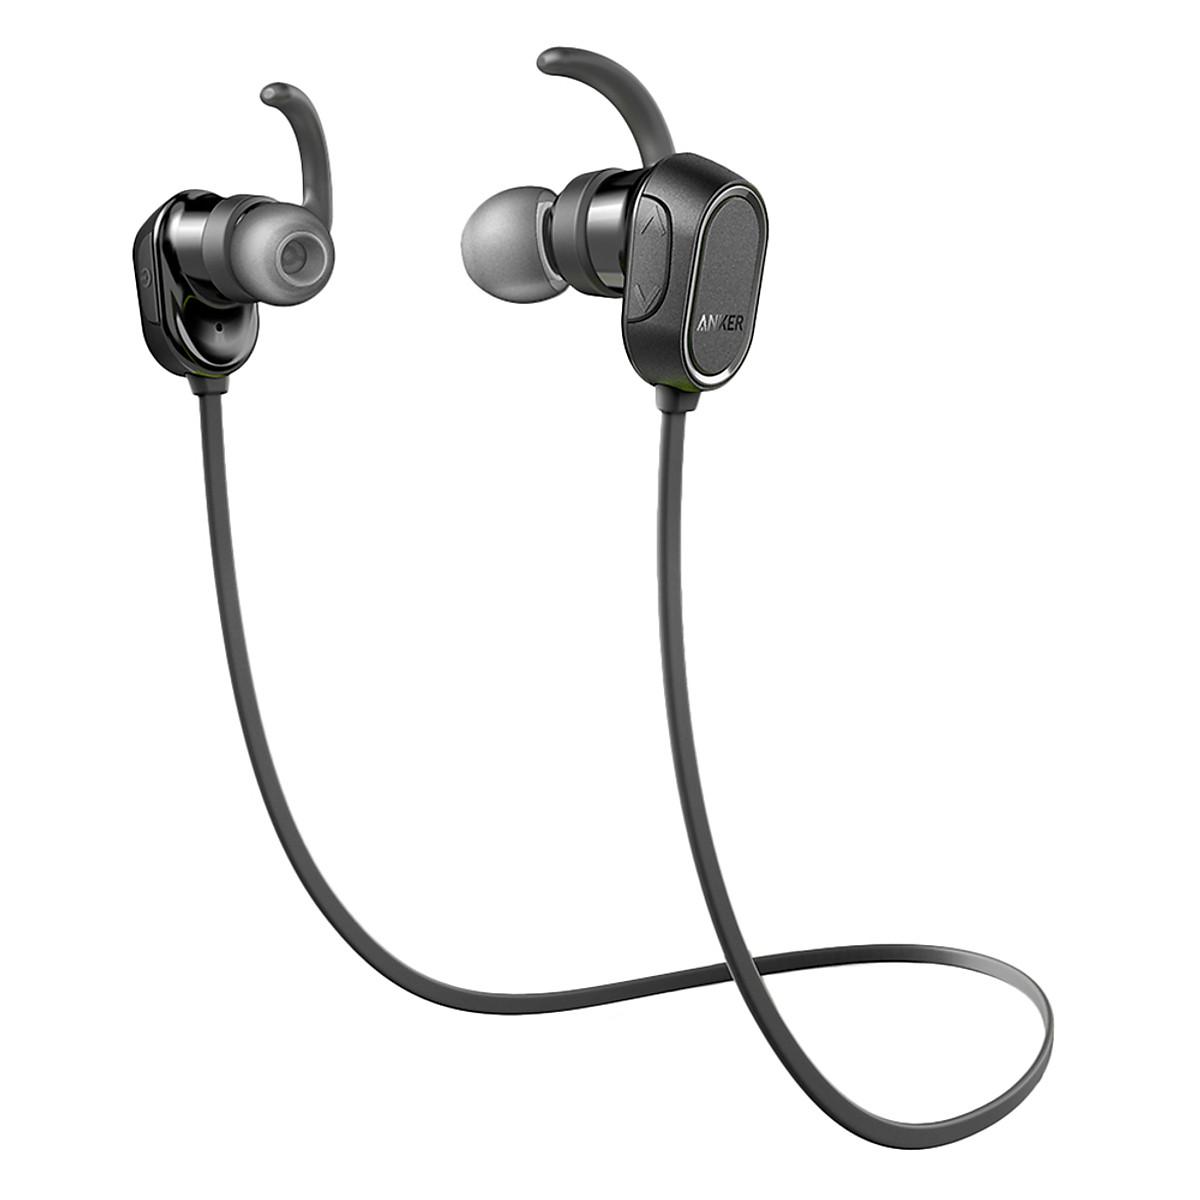 Mua Ngay Tai Nghe Bluetooth Anker Giá Rẻ Tại Tiki